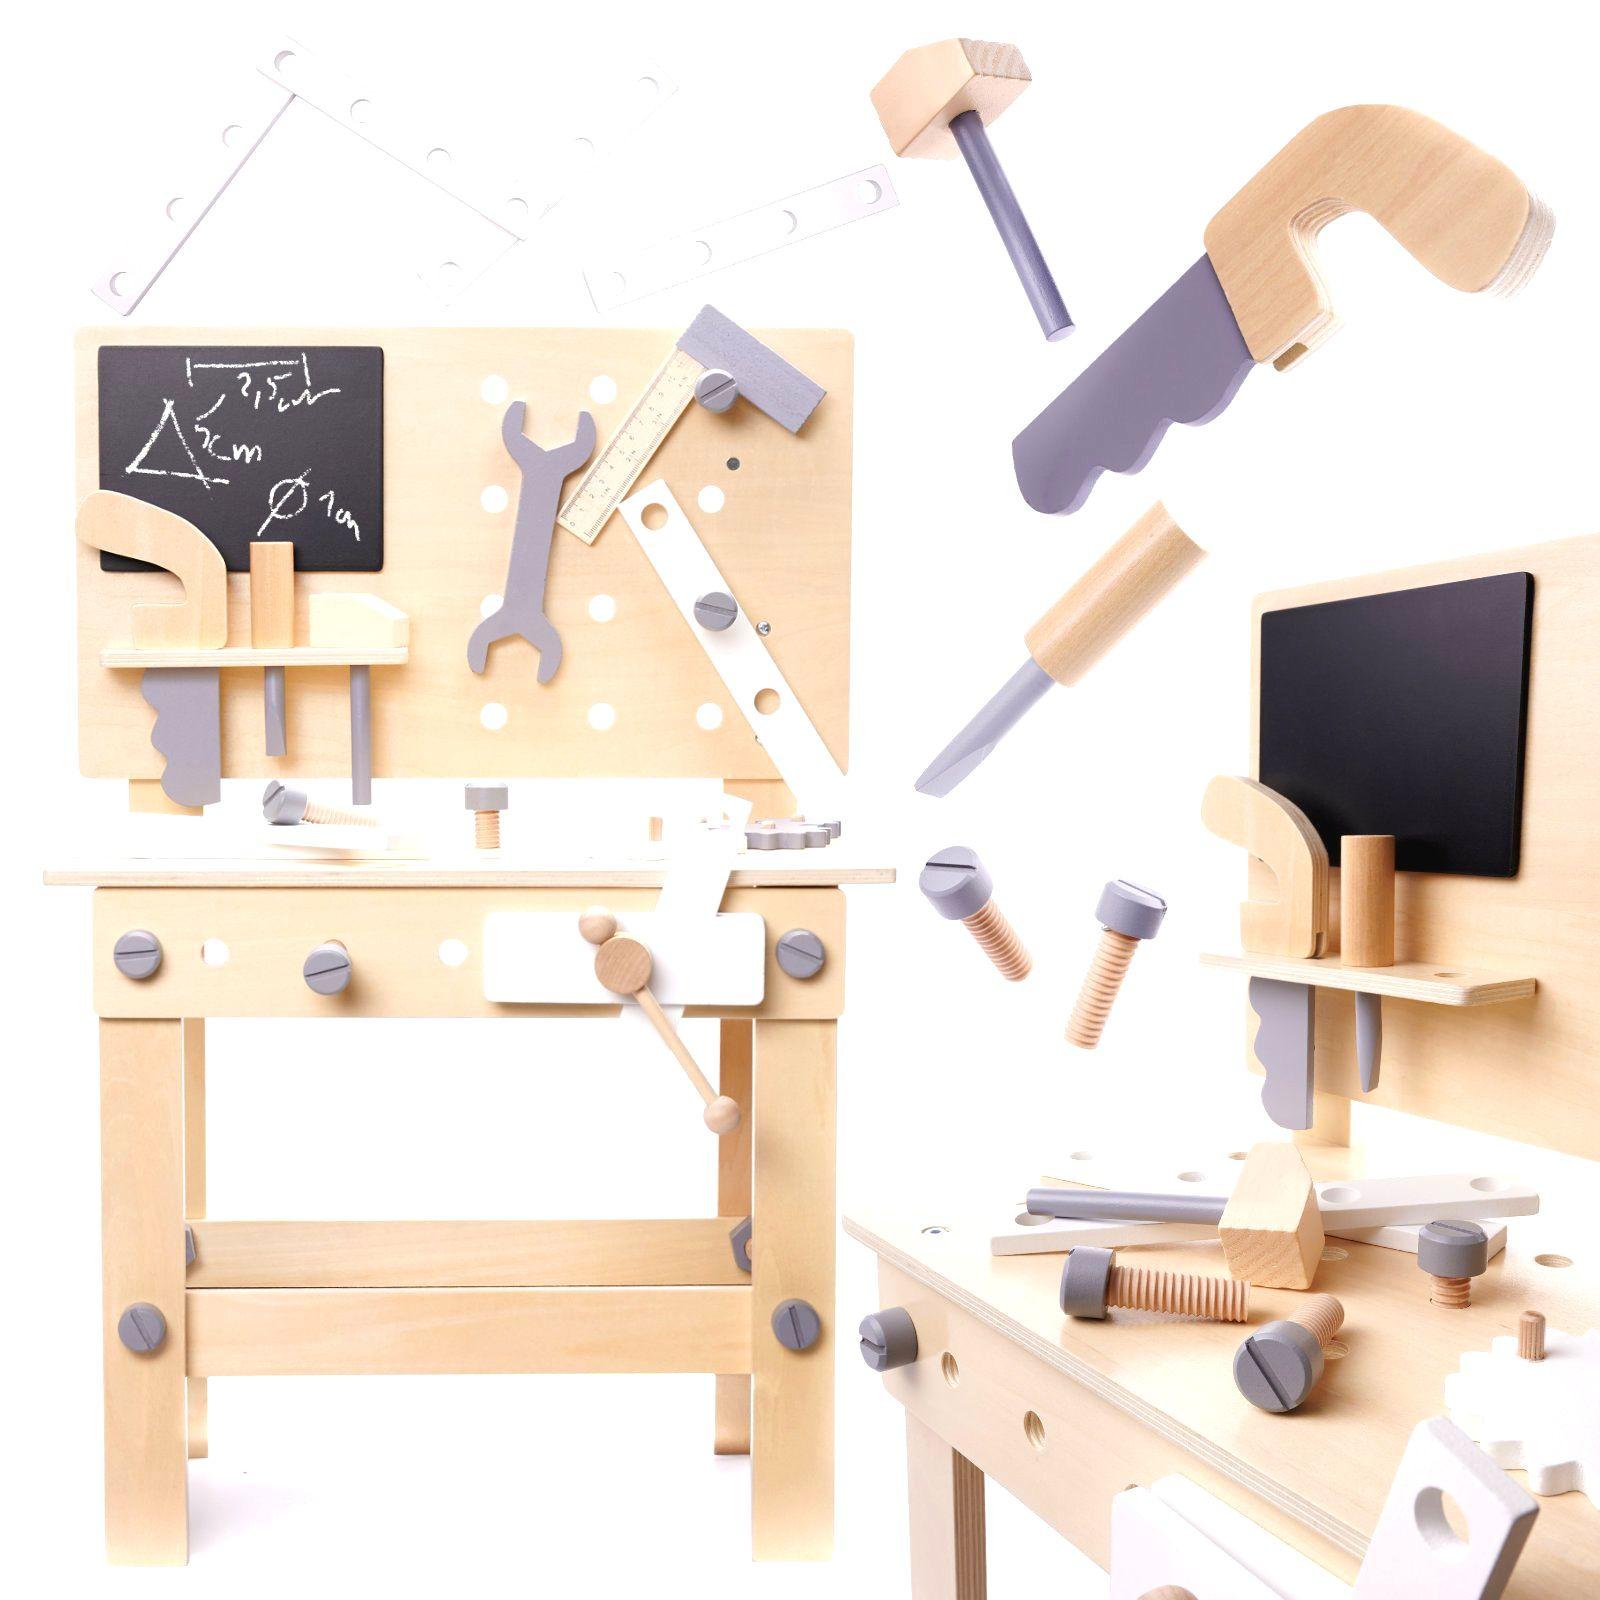 KIK Detská drevená dielňa s náradím